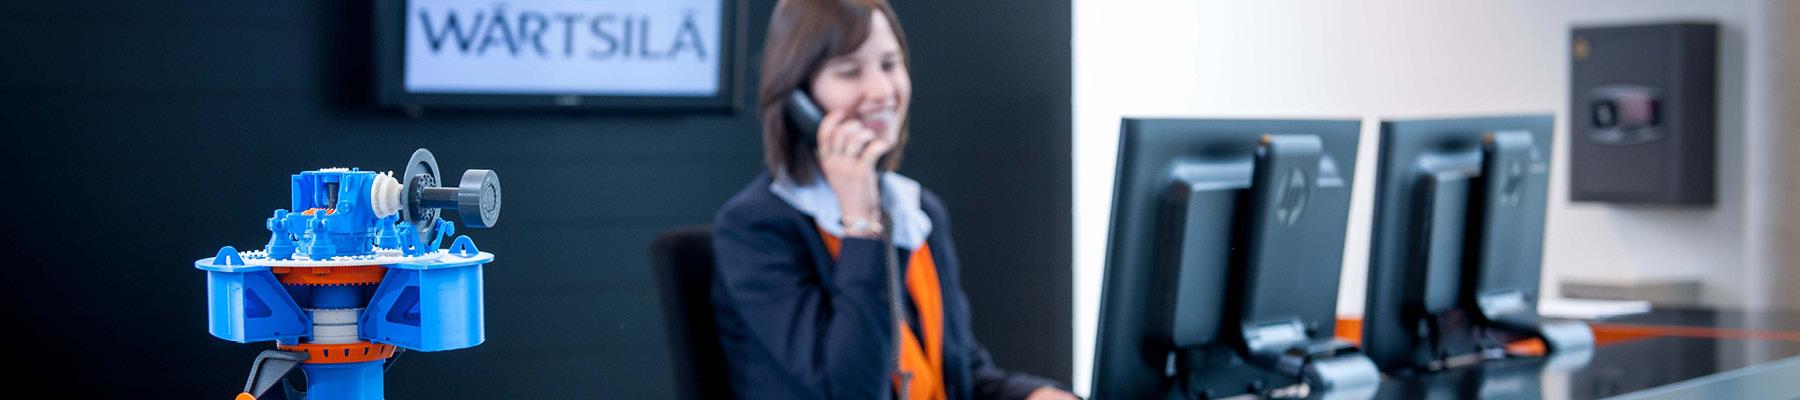 hoofdfoto website -contact